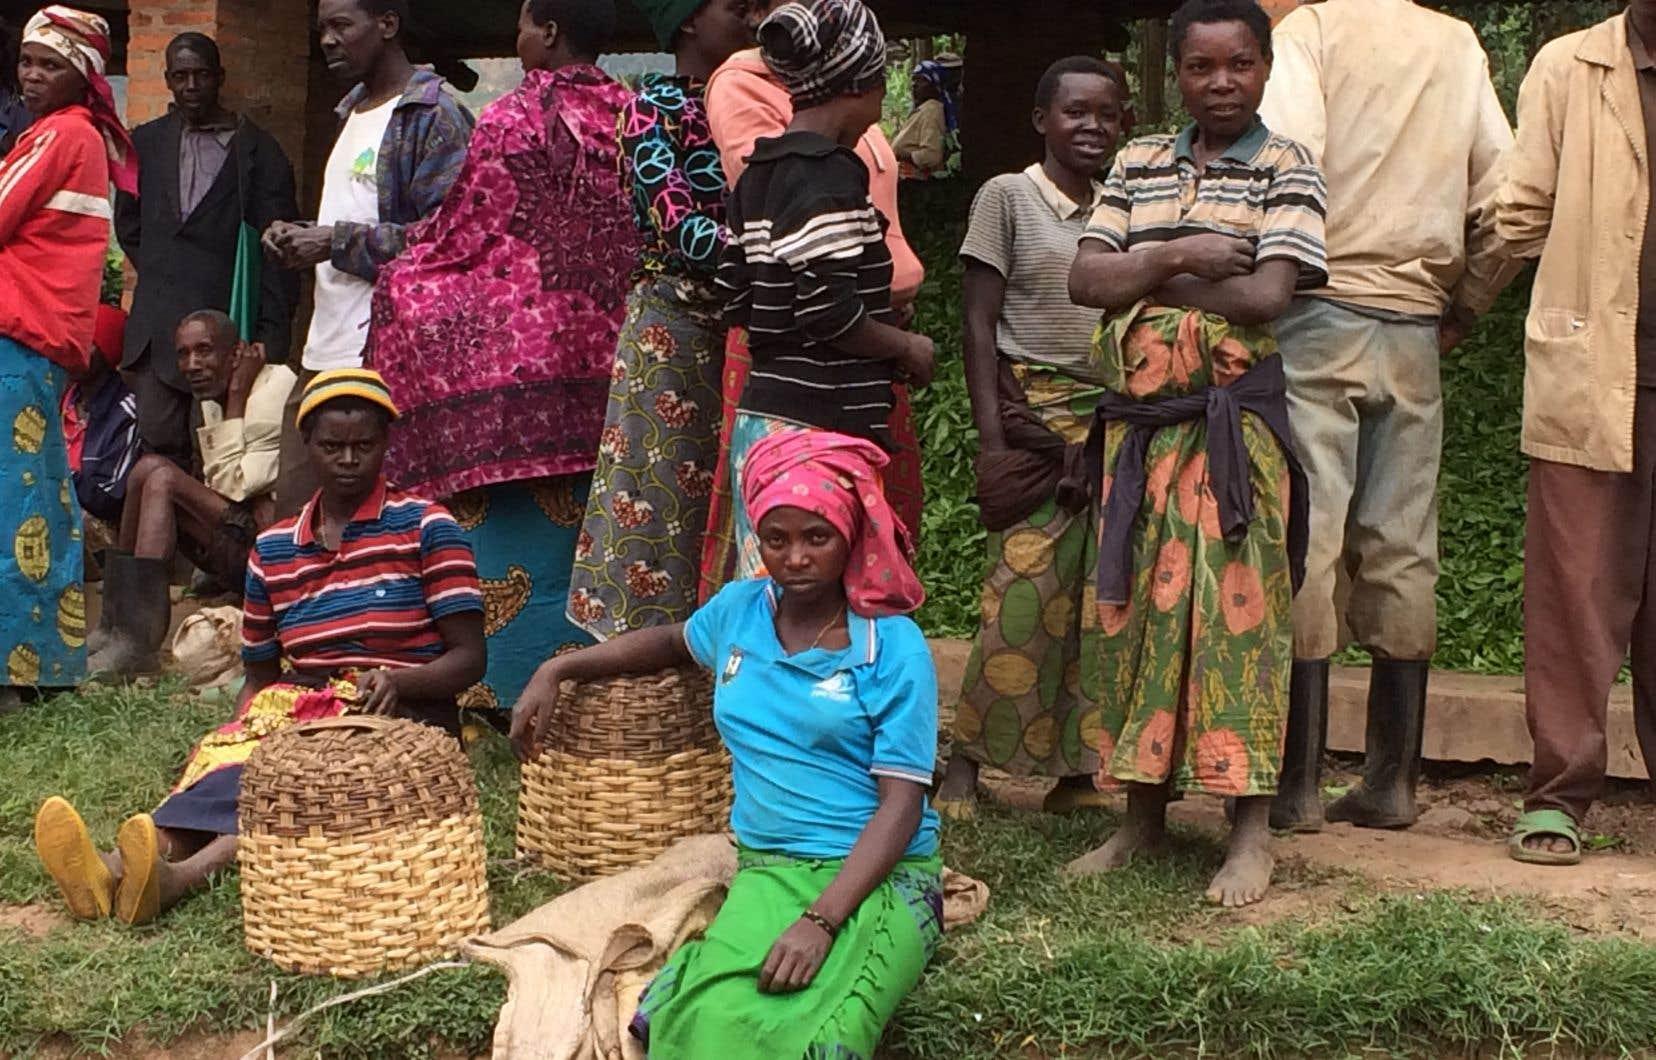 Avec beaucoup d'empathie, Alain Stanké a fait le voyage au Rwanda pour essayer de comprendre comment se reconstruit un pays ravagé par un élan sanguinaire aussi féroce.